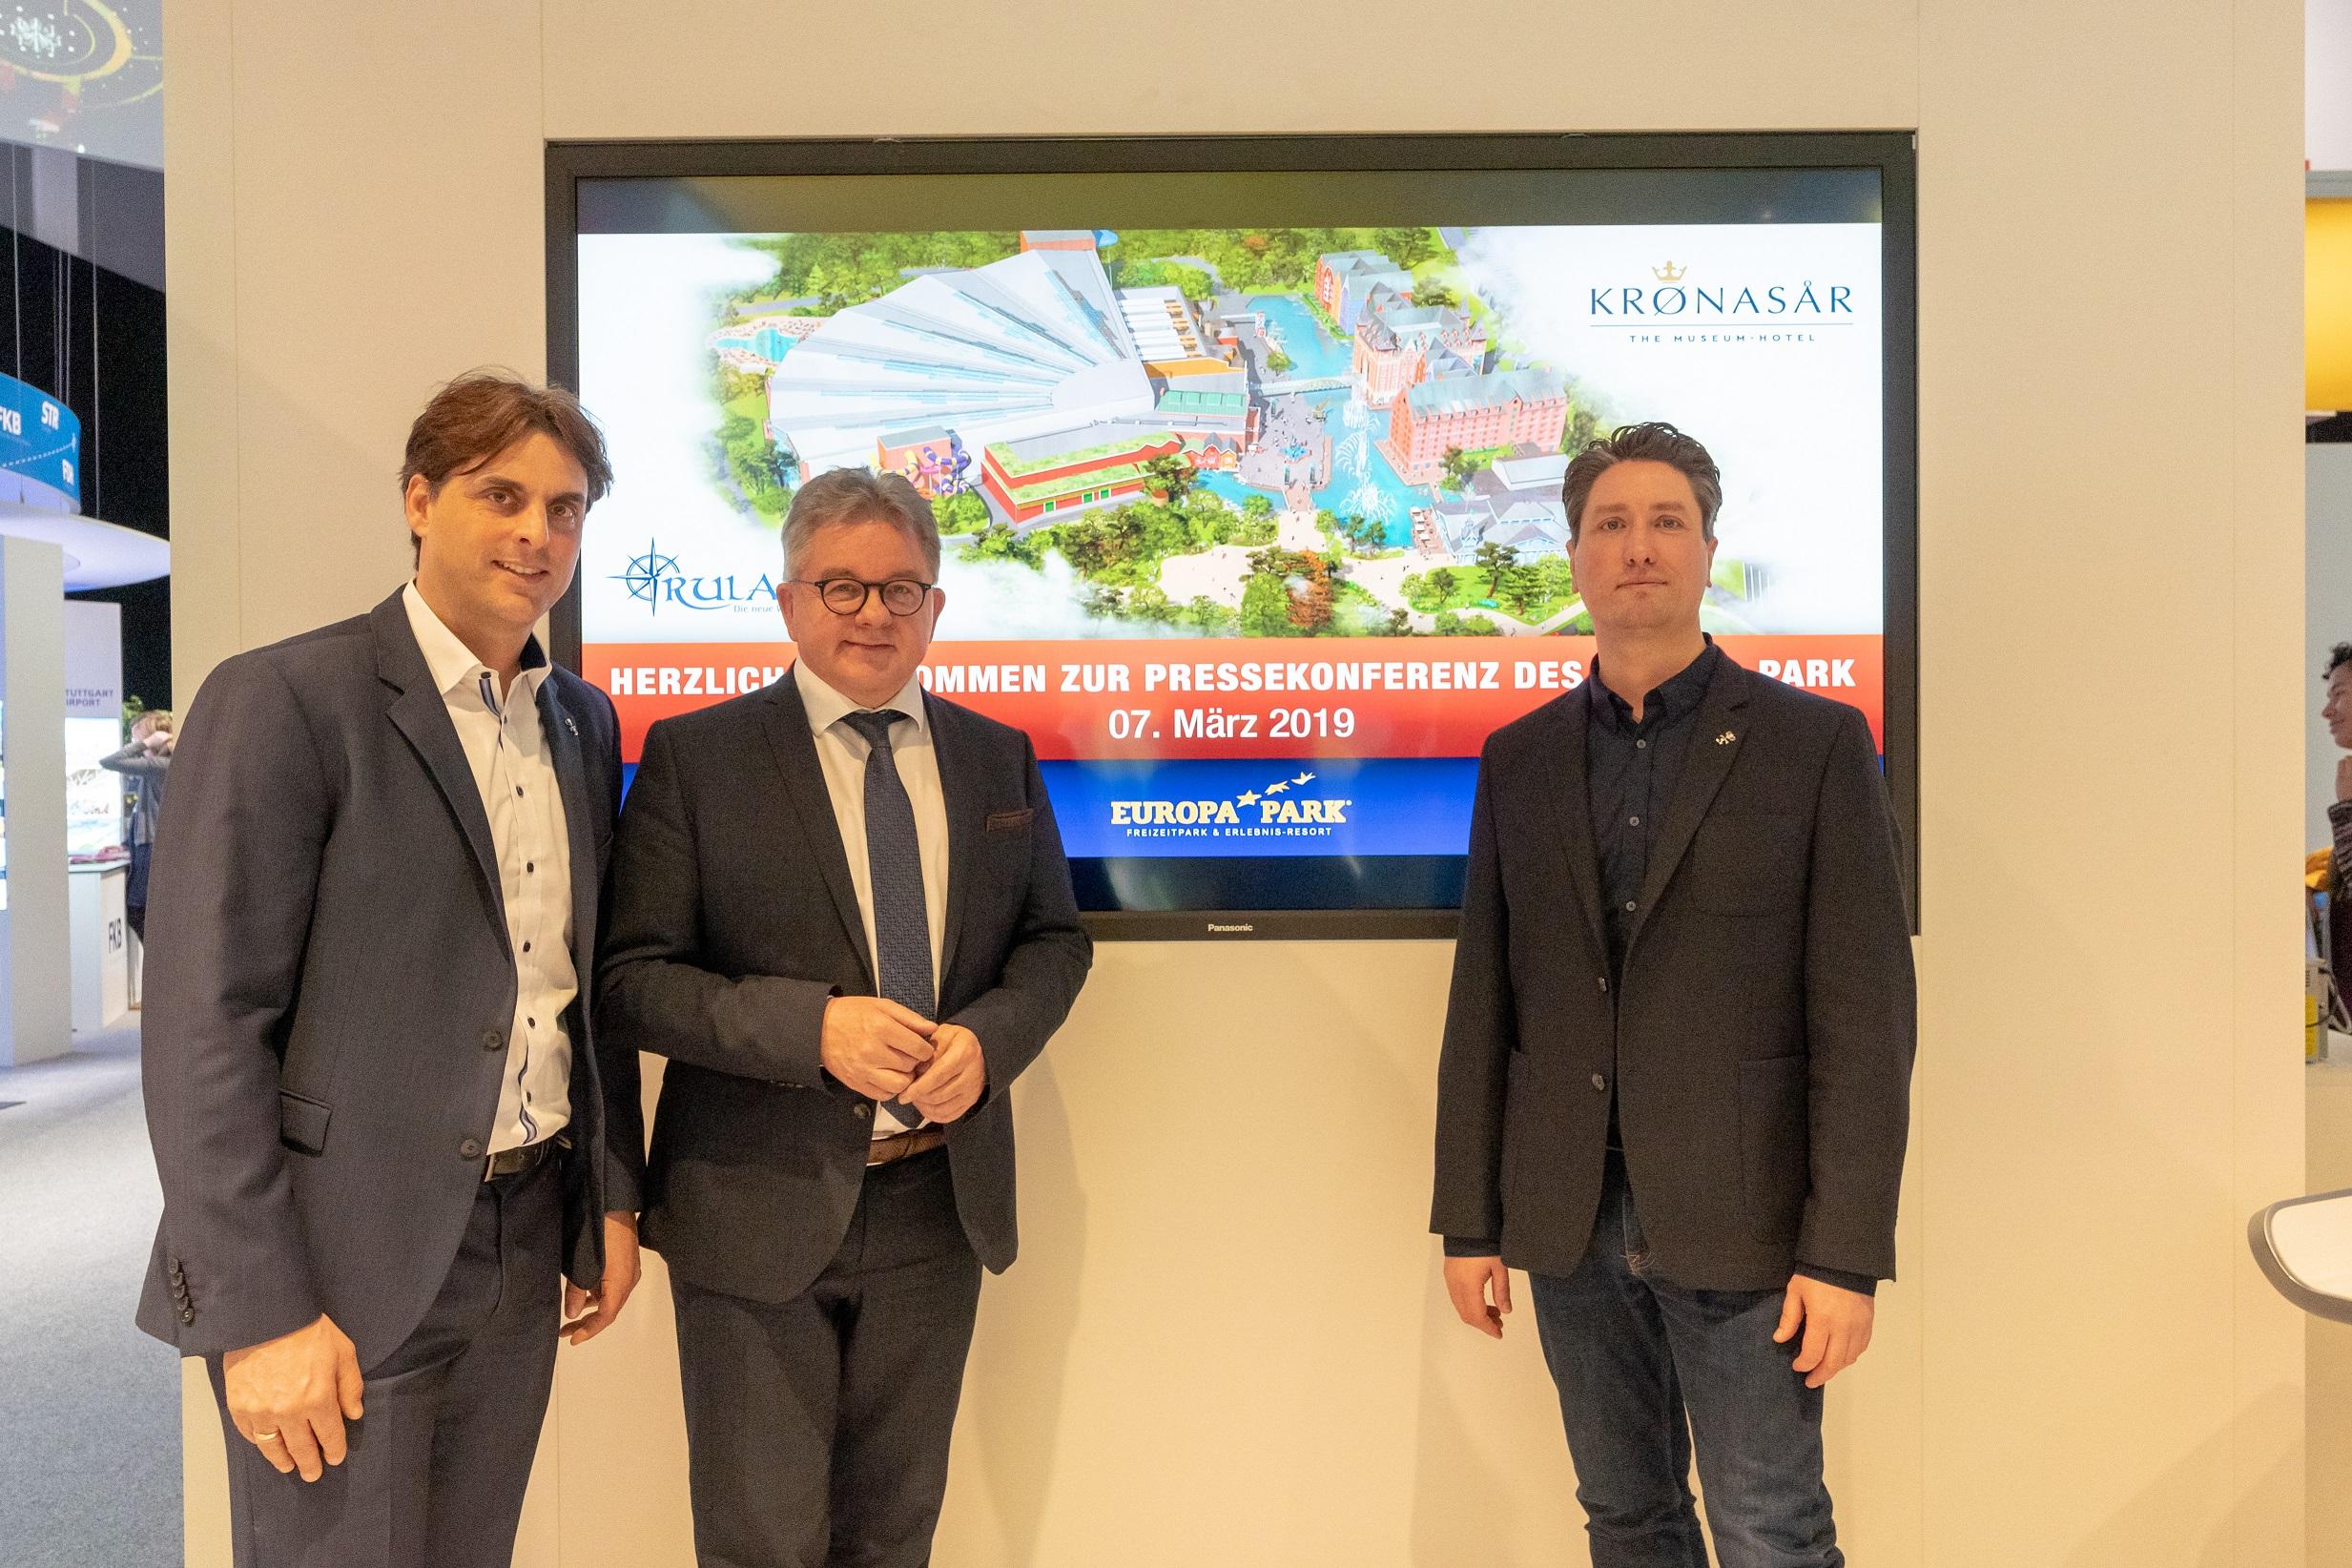 v.l.n.r.: Thomas Mack (Geschäftsführender Gesellschafter Europa-Park), Guido Wolf MdL und Chris Lange (Creative Director Mack Solutions Design) auf der ITB in Berlin